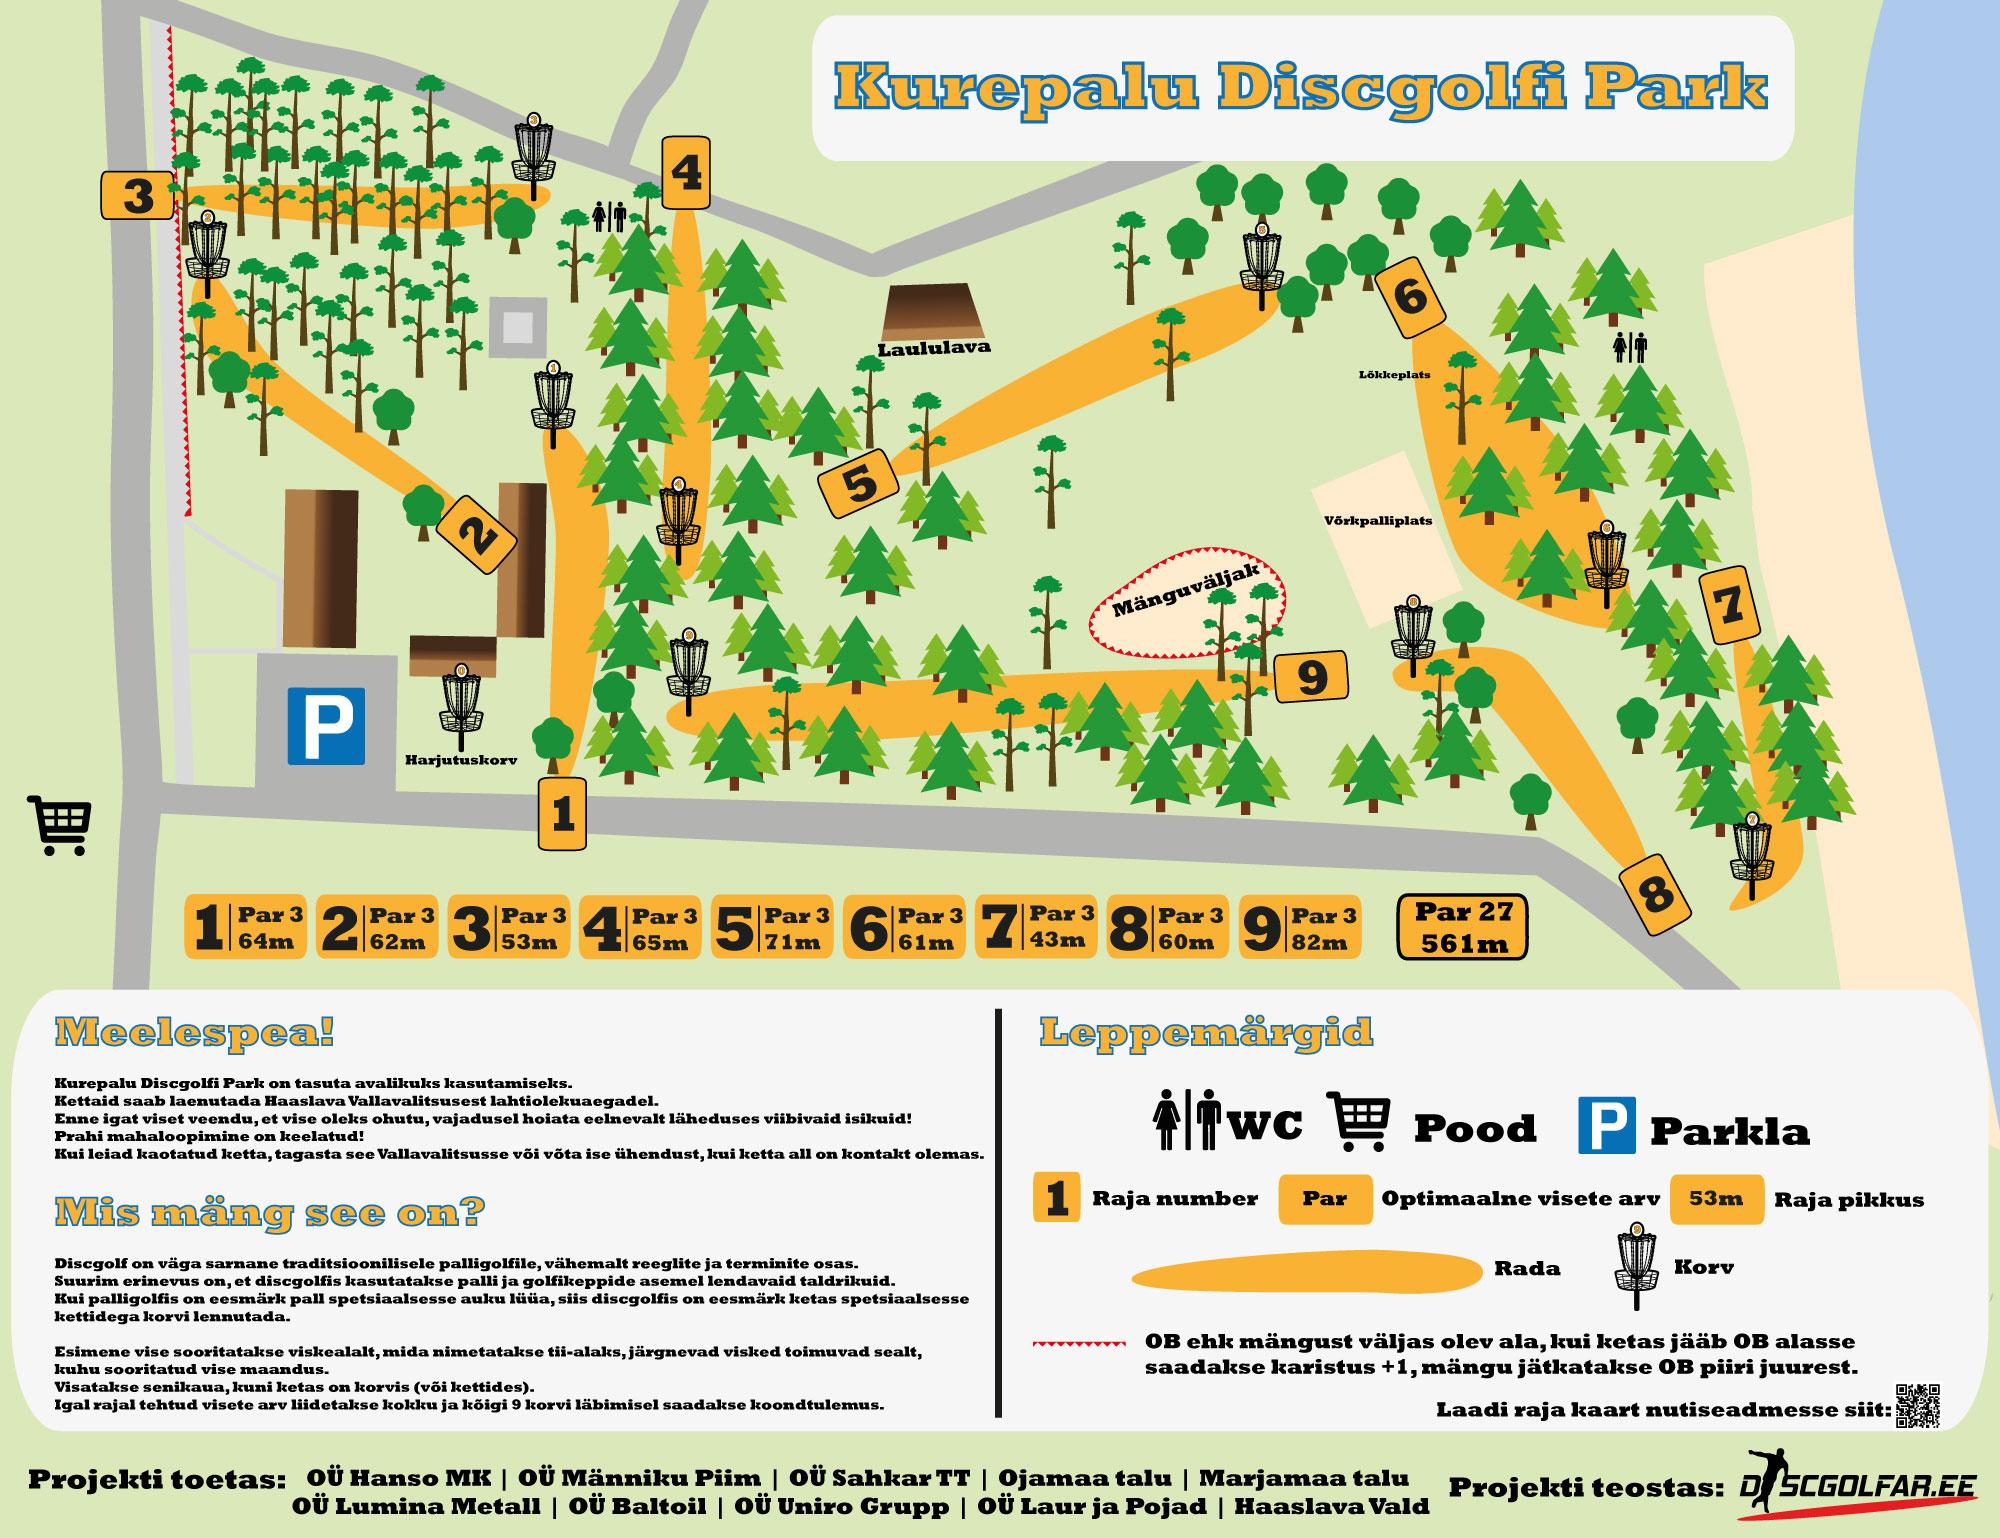 Kurepalu Discgolfi Park